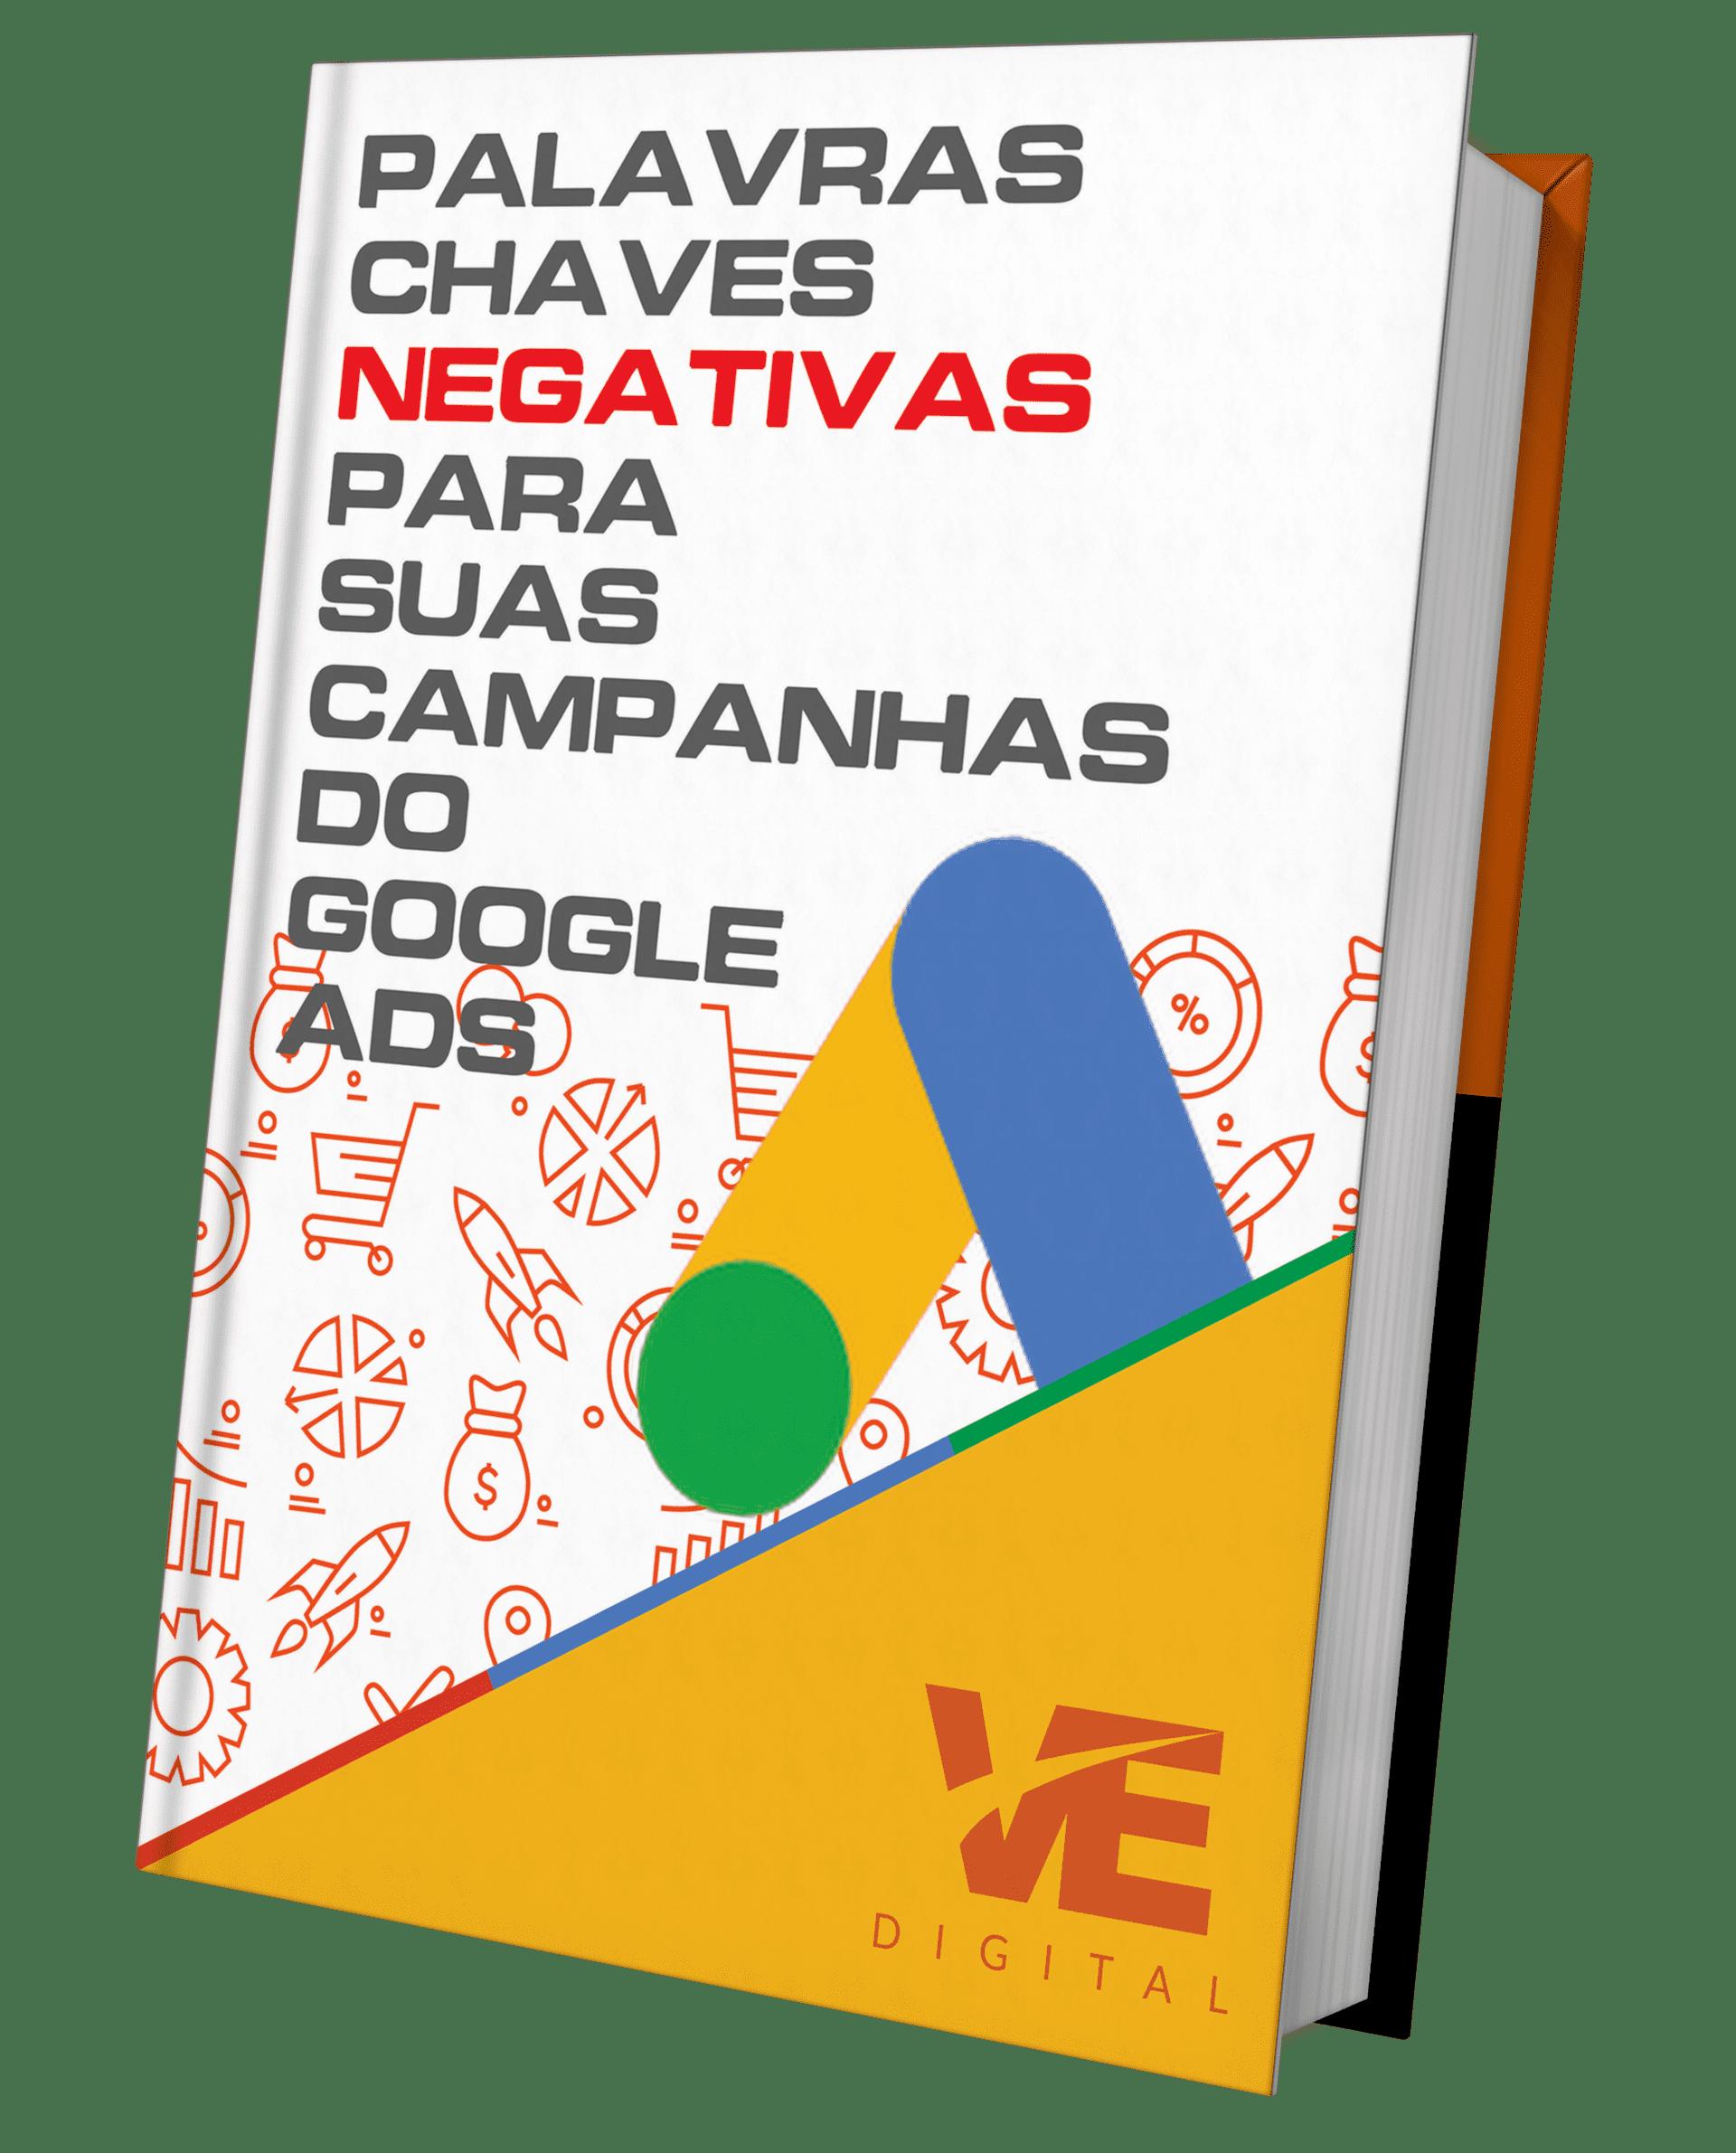 Capa do nosso ebook de palavras chaves negativas para suas campanhas do Google ADS